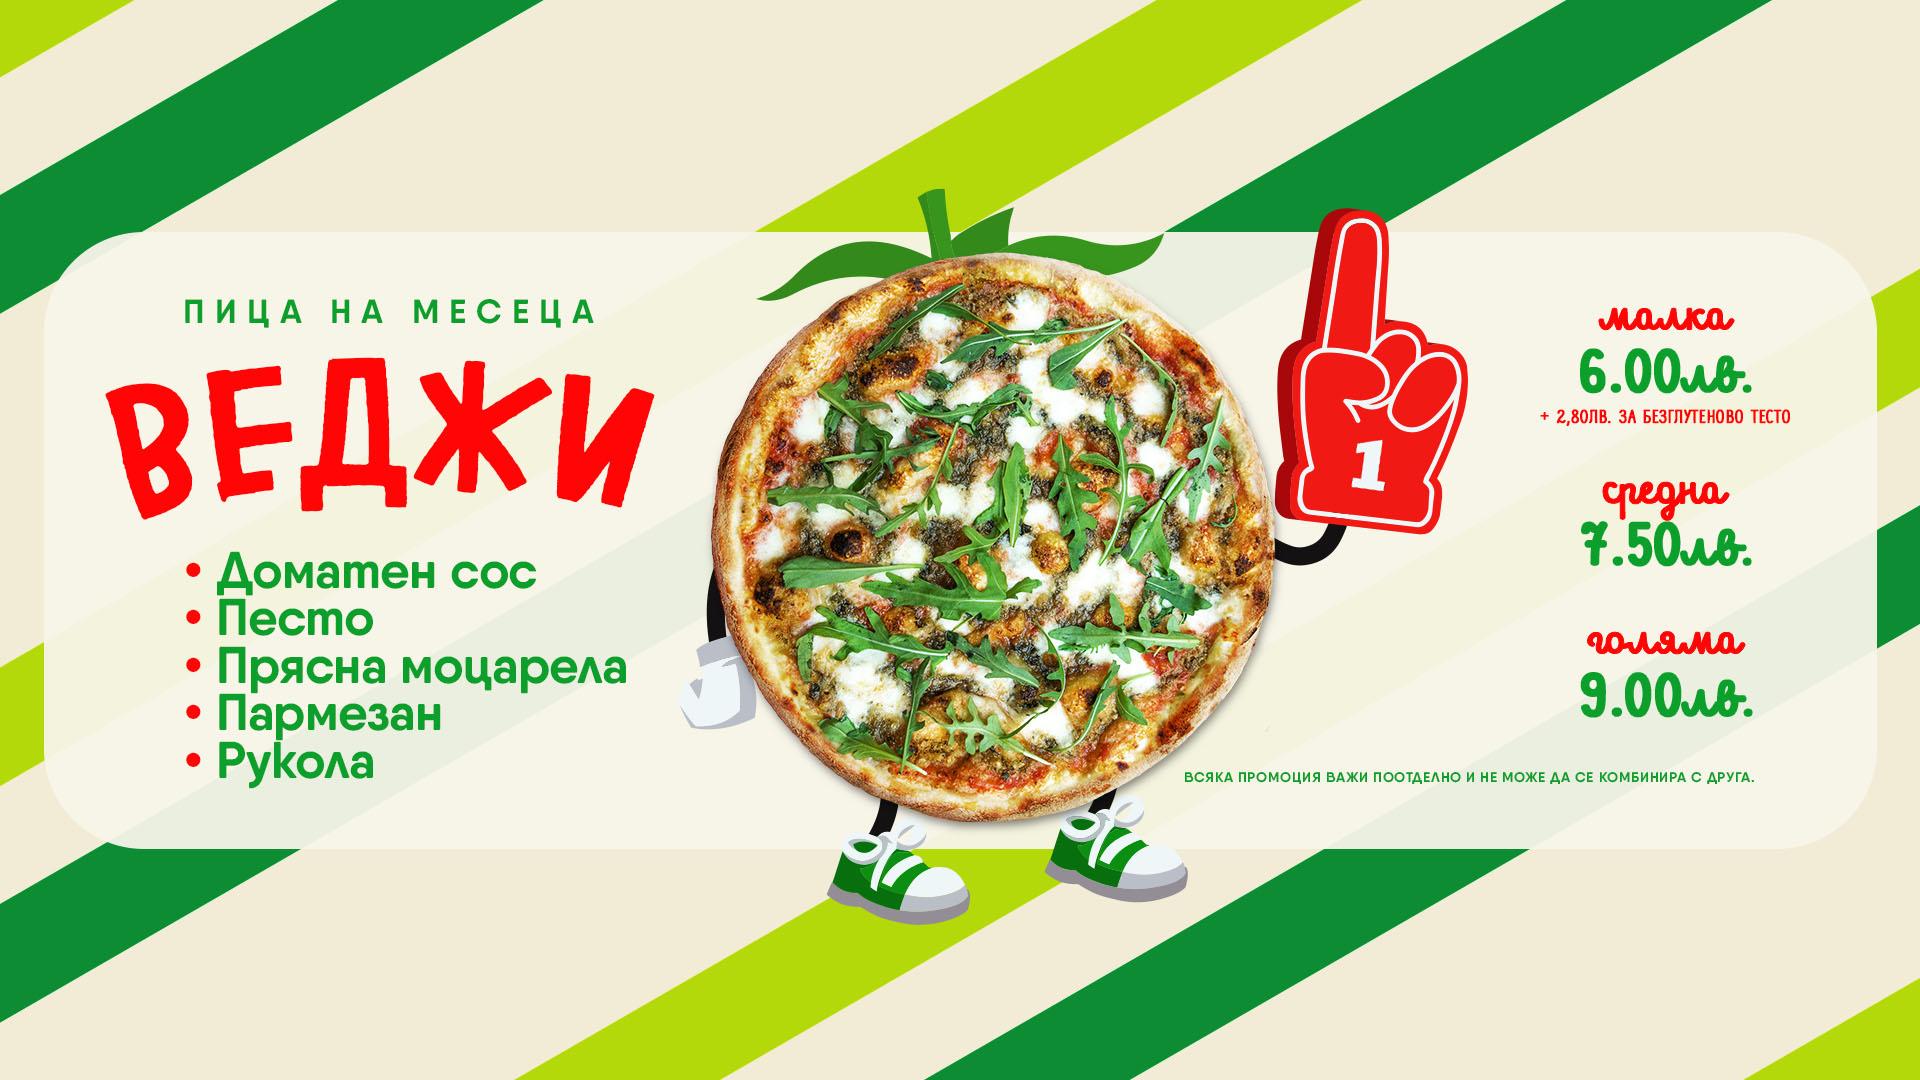 Ето и ново предложение за пица на месеца от PizzaLab